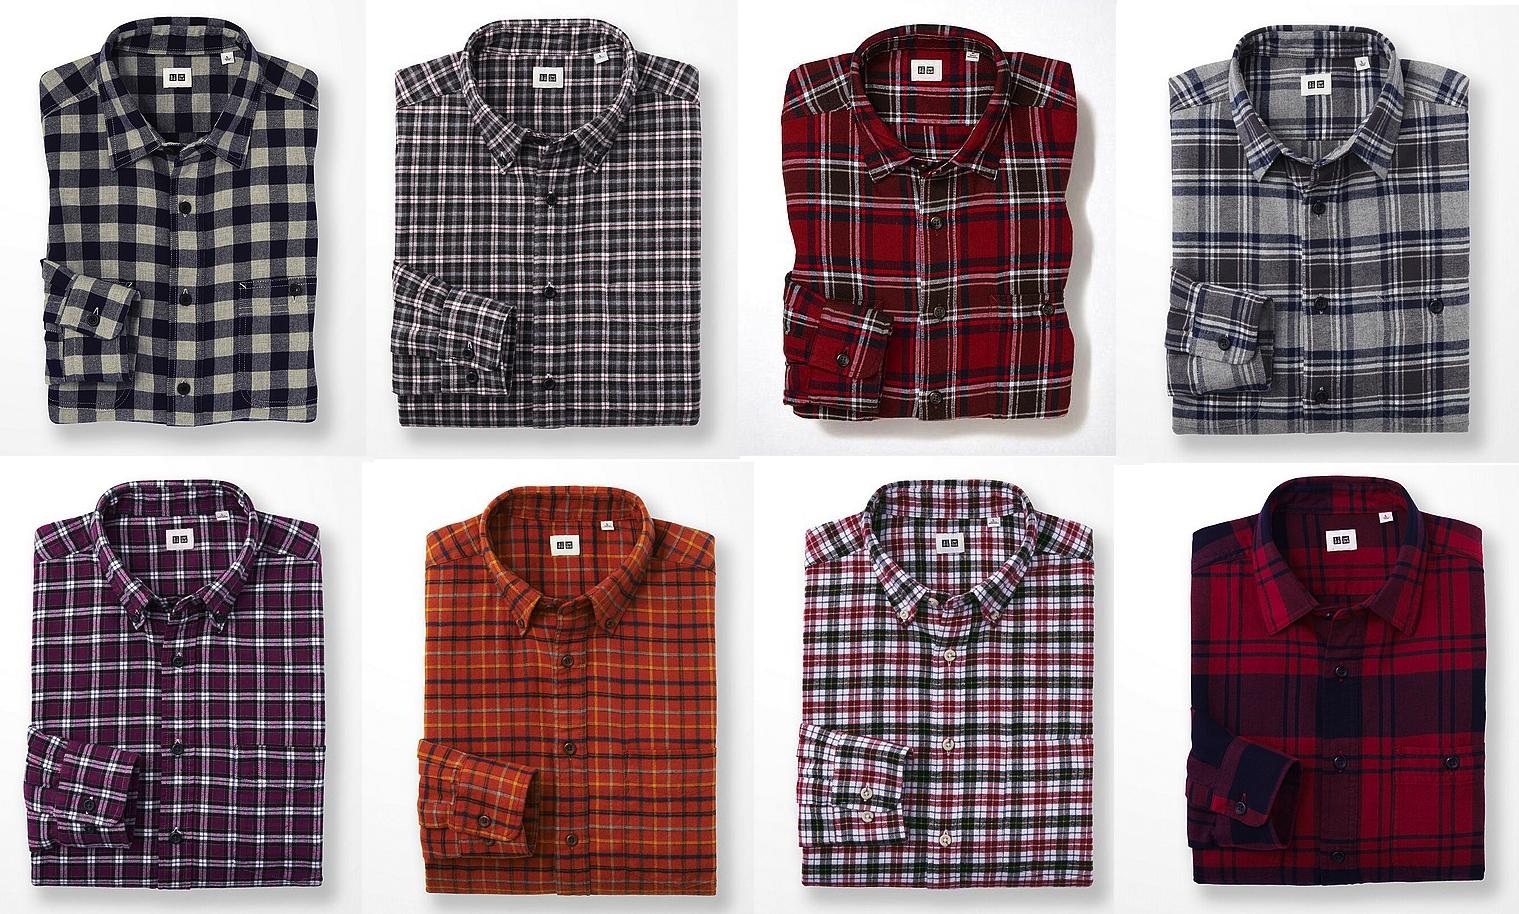 Uniqlo-Flannel-Shirts